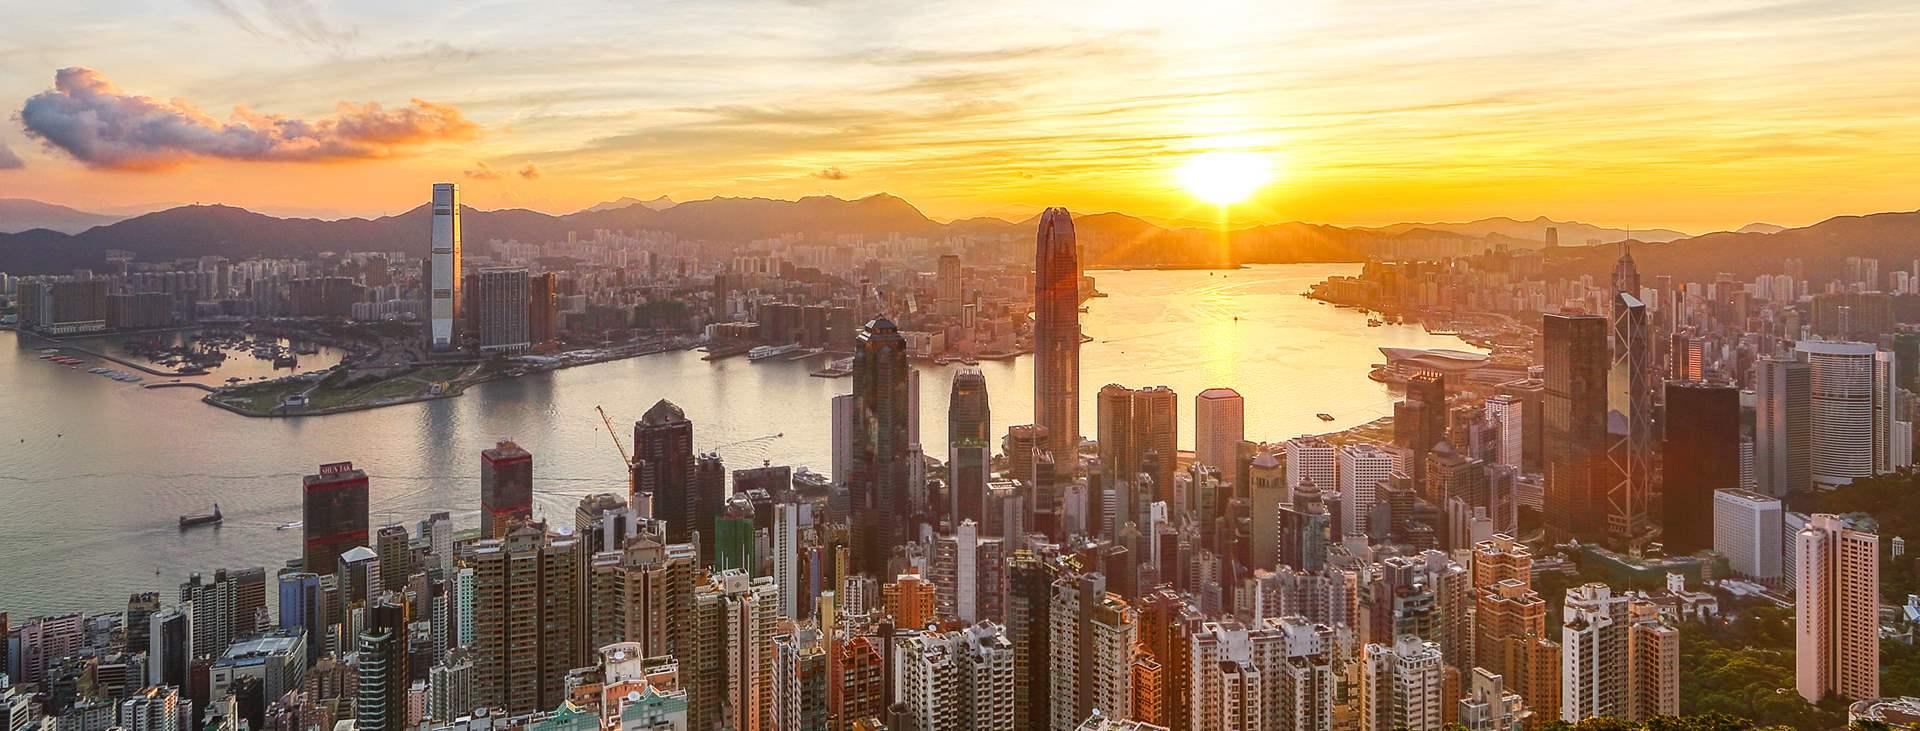 Varaa matka Kiinaan - Lento + hotelli